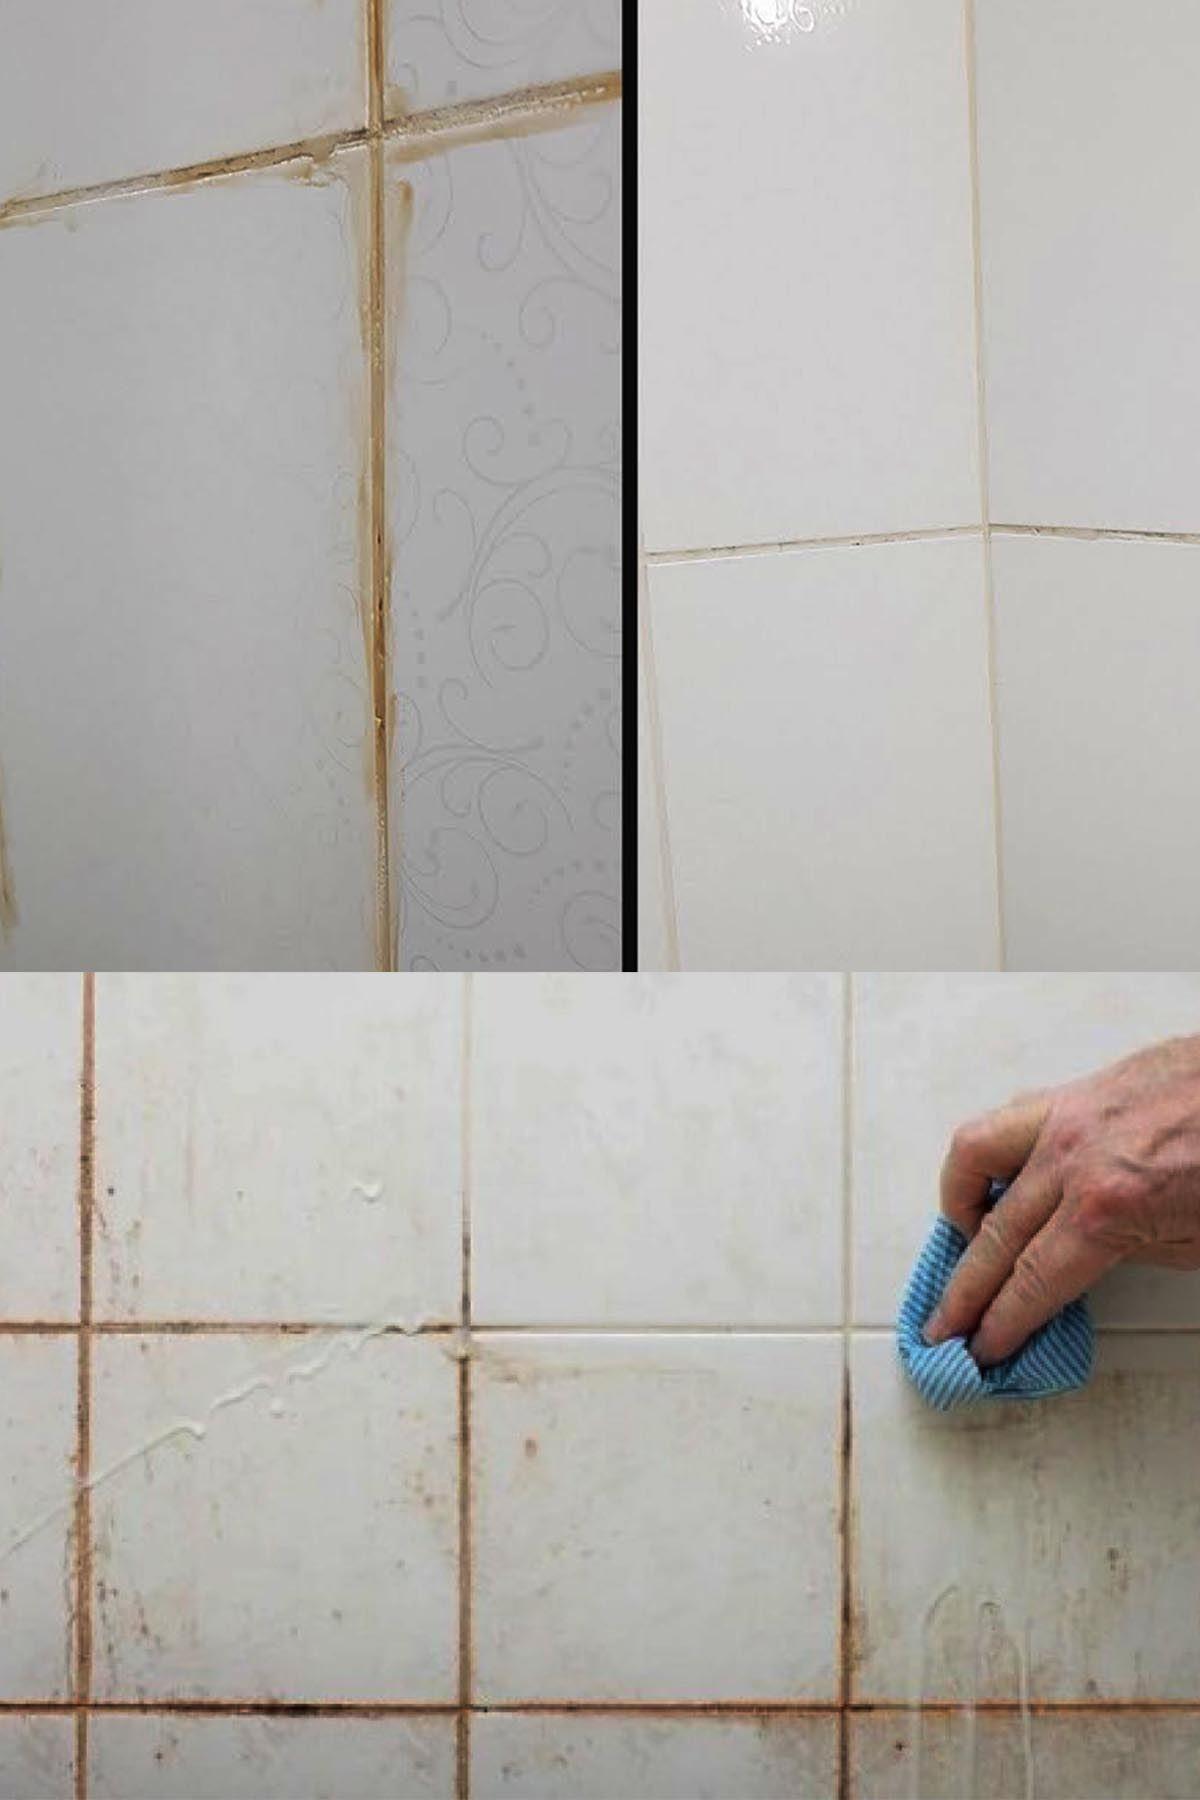 SMX Banyo Temizleyici / Fayans Temizleyici / Derz Temizleyici (5 LT)